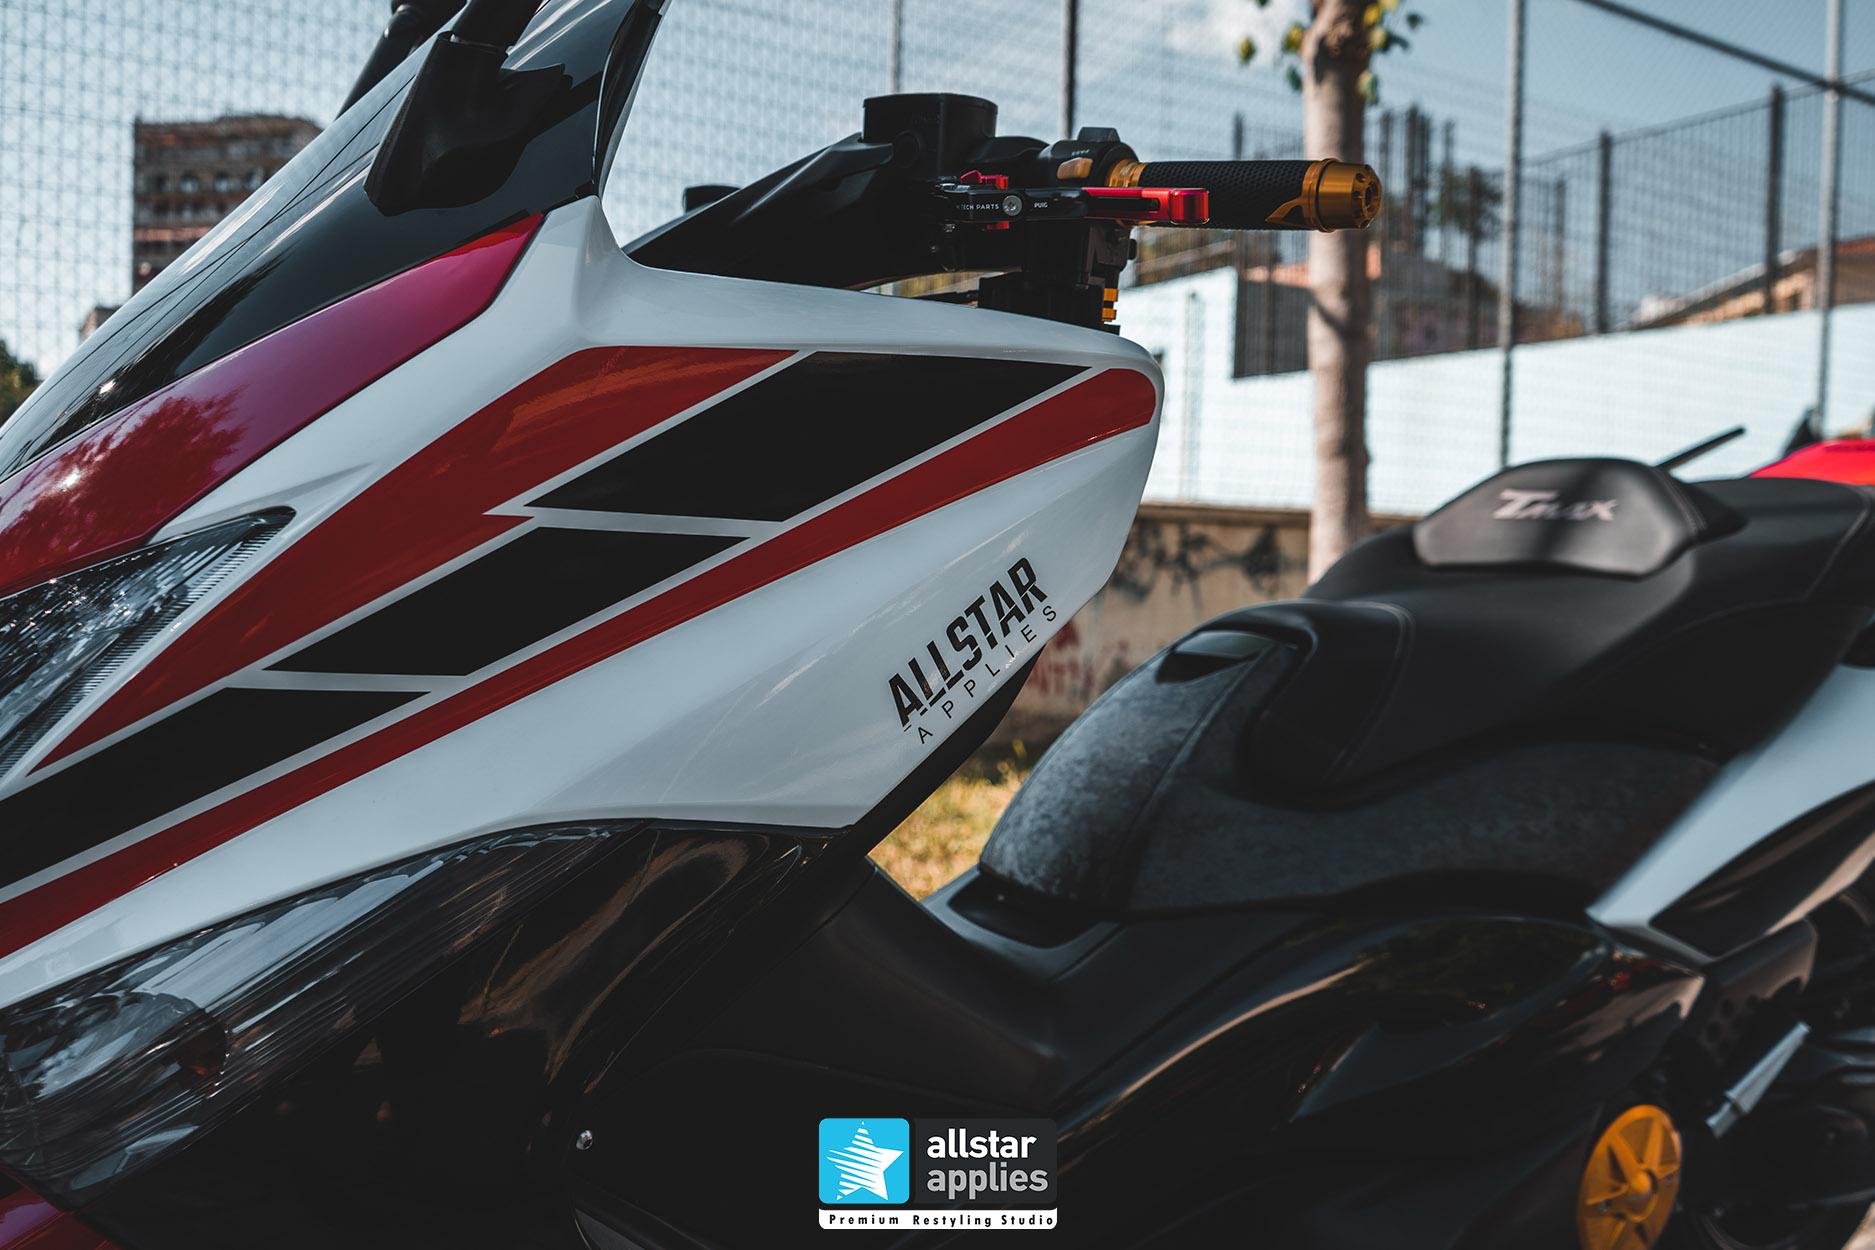 TMAX 500 ALLSTAR APPLIES 4